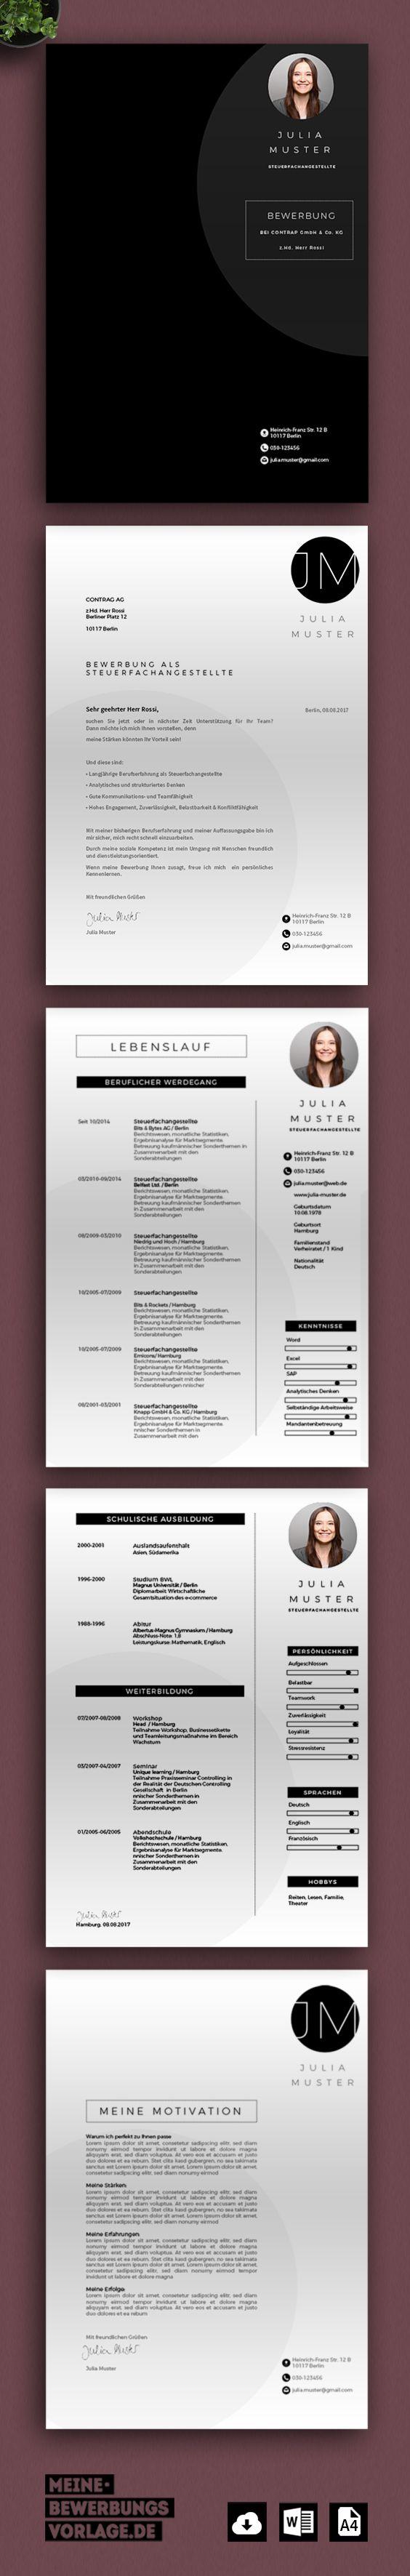 Design No.7 (Grün, Türkis, Grau & Creme) Stechen Sie mit Ihrer professionellen Bewerbung aus der Masse aller Bewerber! Sie erhalten von uns: Deckblatt, Anschreiben, Lebenslauf & Motivationsschreiben. #bewerbung #jobsuche #template #vorlage #bewerbungsvorlage #muster #cv